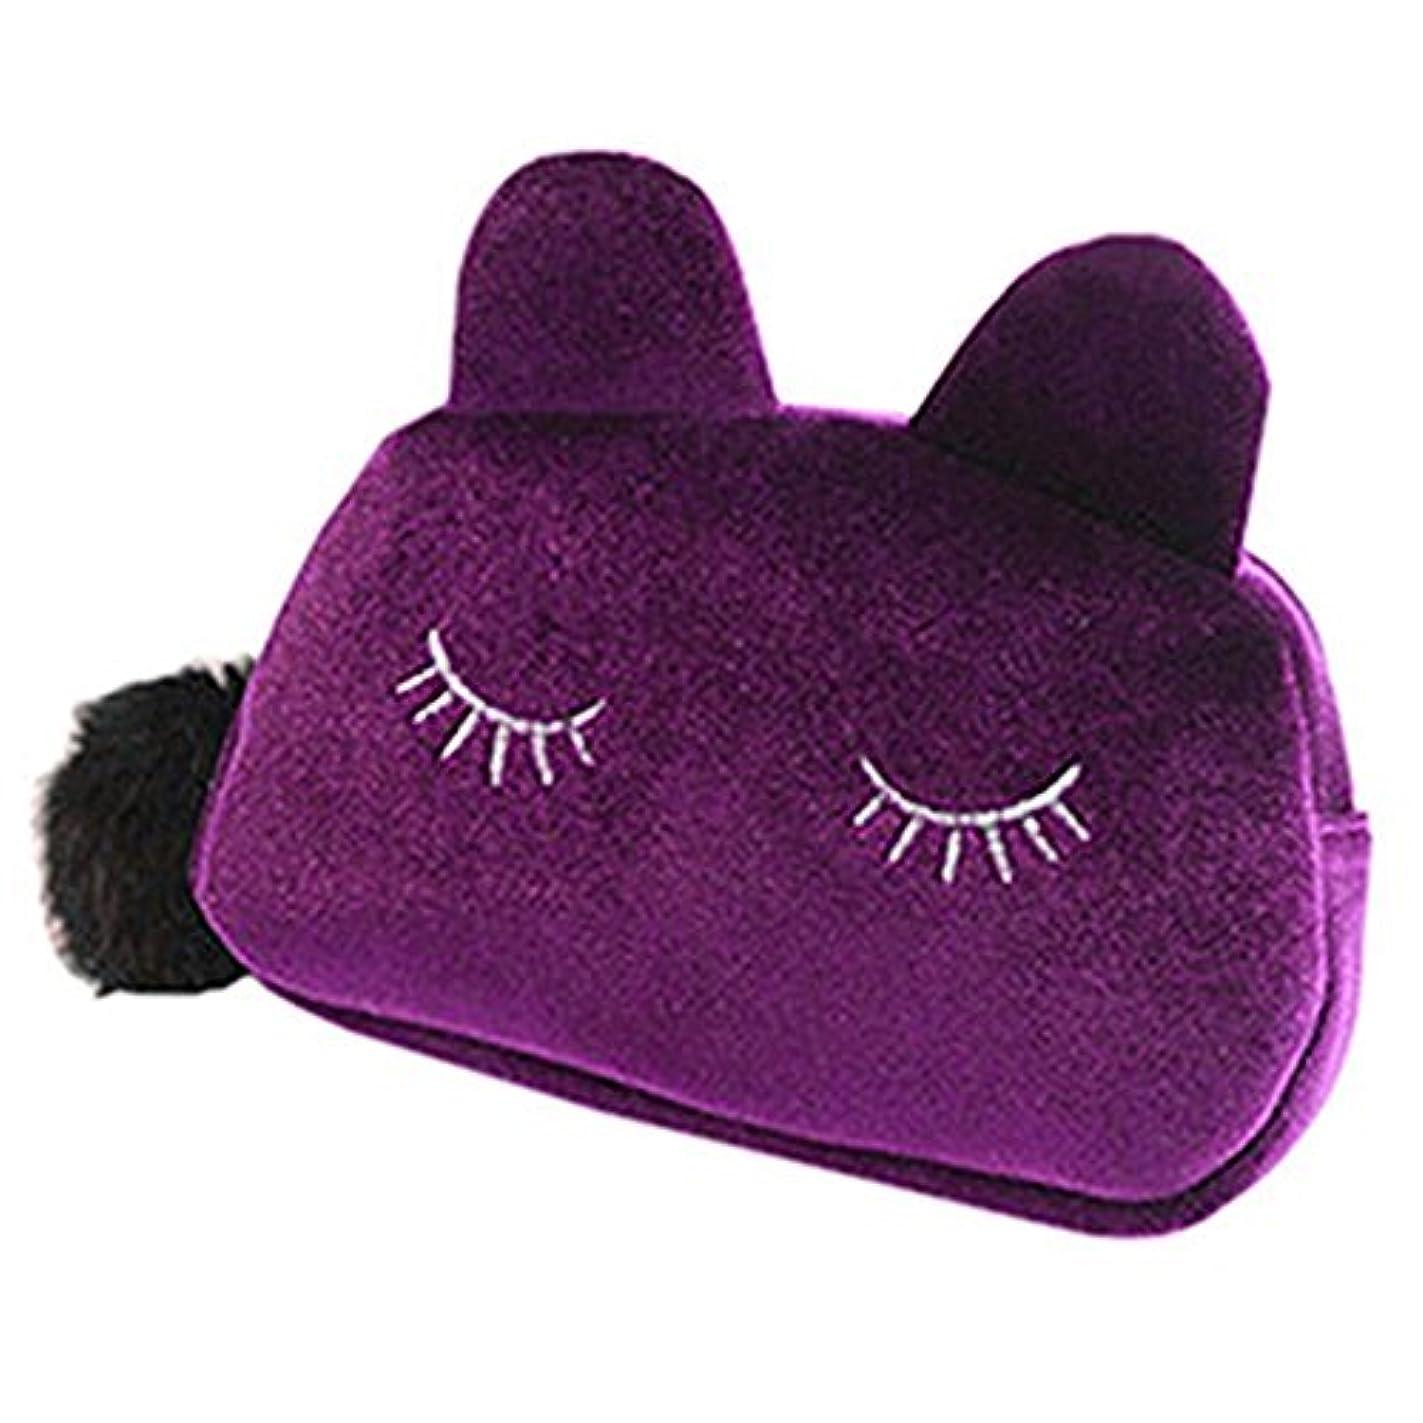 単調な晩ごはんピア猫耳 化粧 コスメ ポーチ 小物入れ ペンケース かわいい 猫 ねこ にゃんこ メイクポーチ レディース